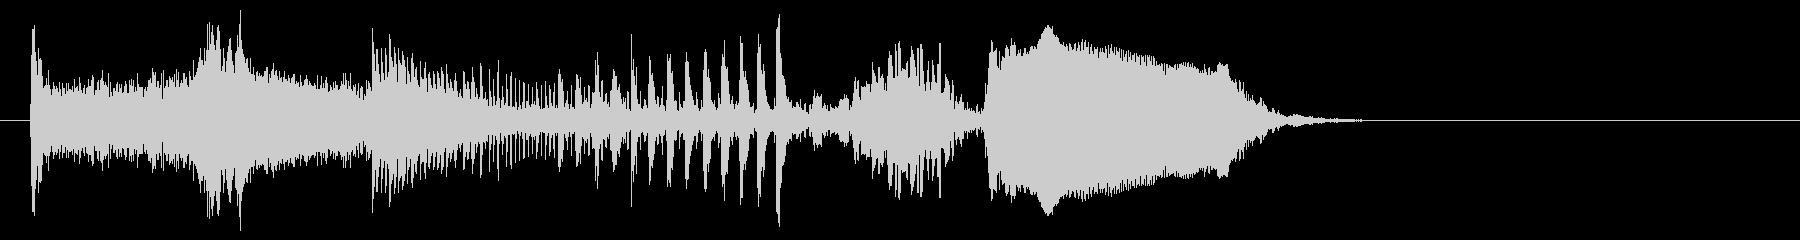 コミカルクラッシュwの未再生の波形